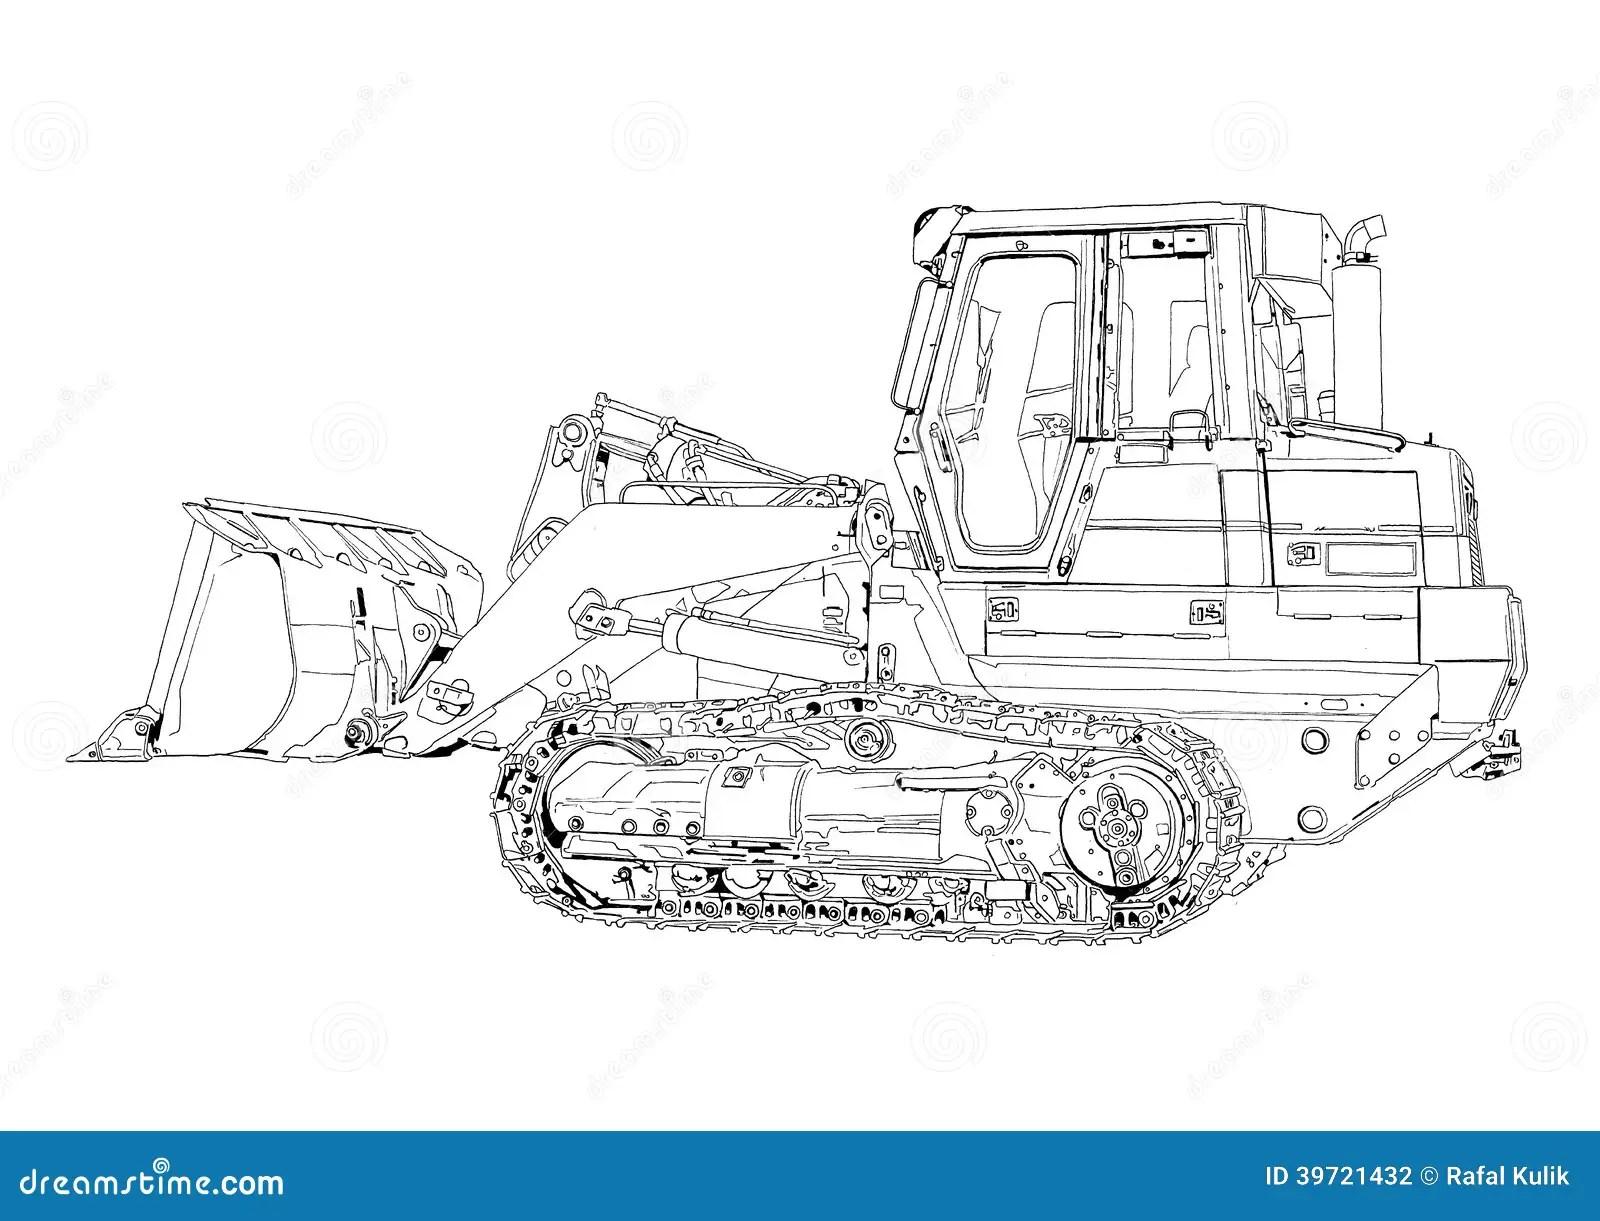 Bulldozer Illustration Art Drawing Stock Illustration